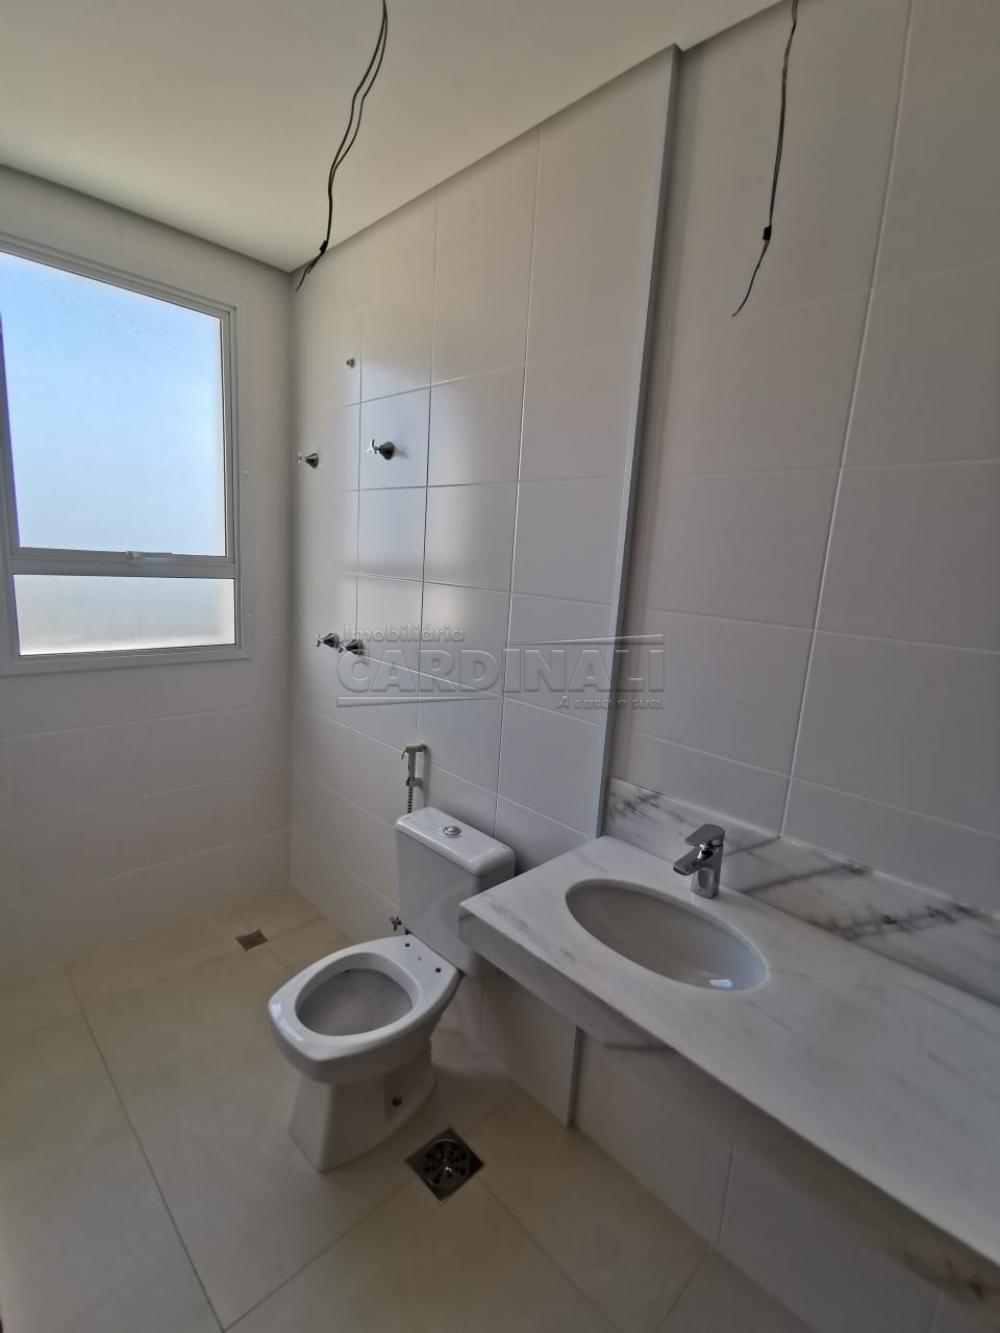 Alugar Apartamento / Padrão em Araraquara R$ 2.800,00 - Foto 12